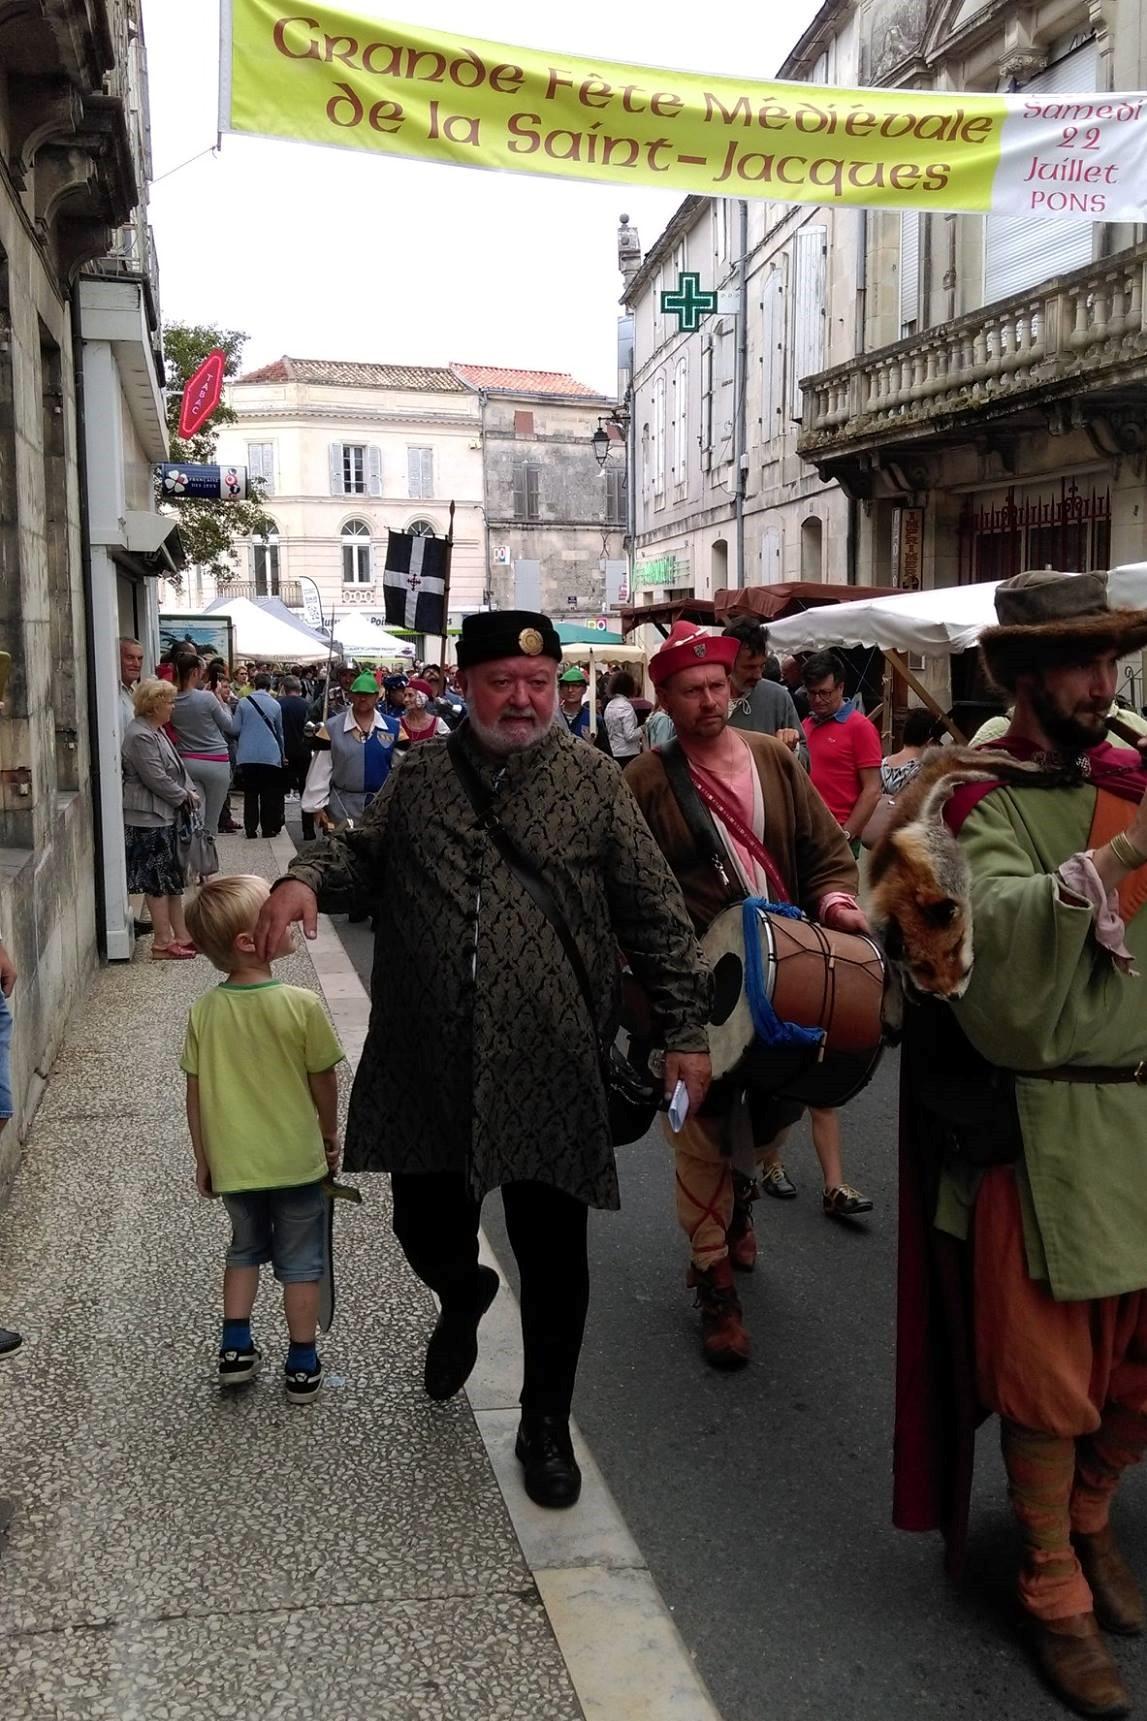 Fête Médiévale Pons 2017 - Défilé rue Emile Combes (2)